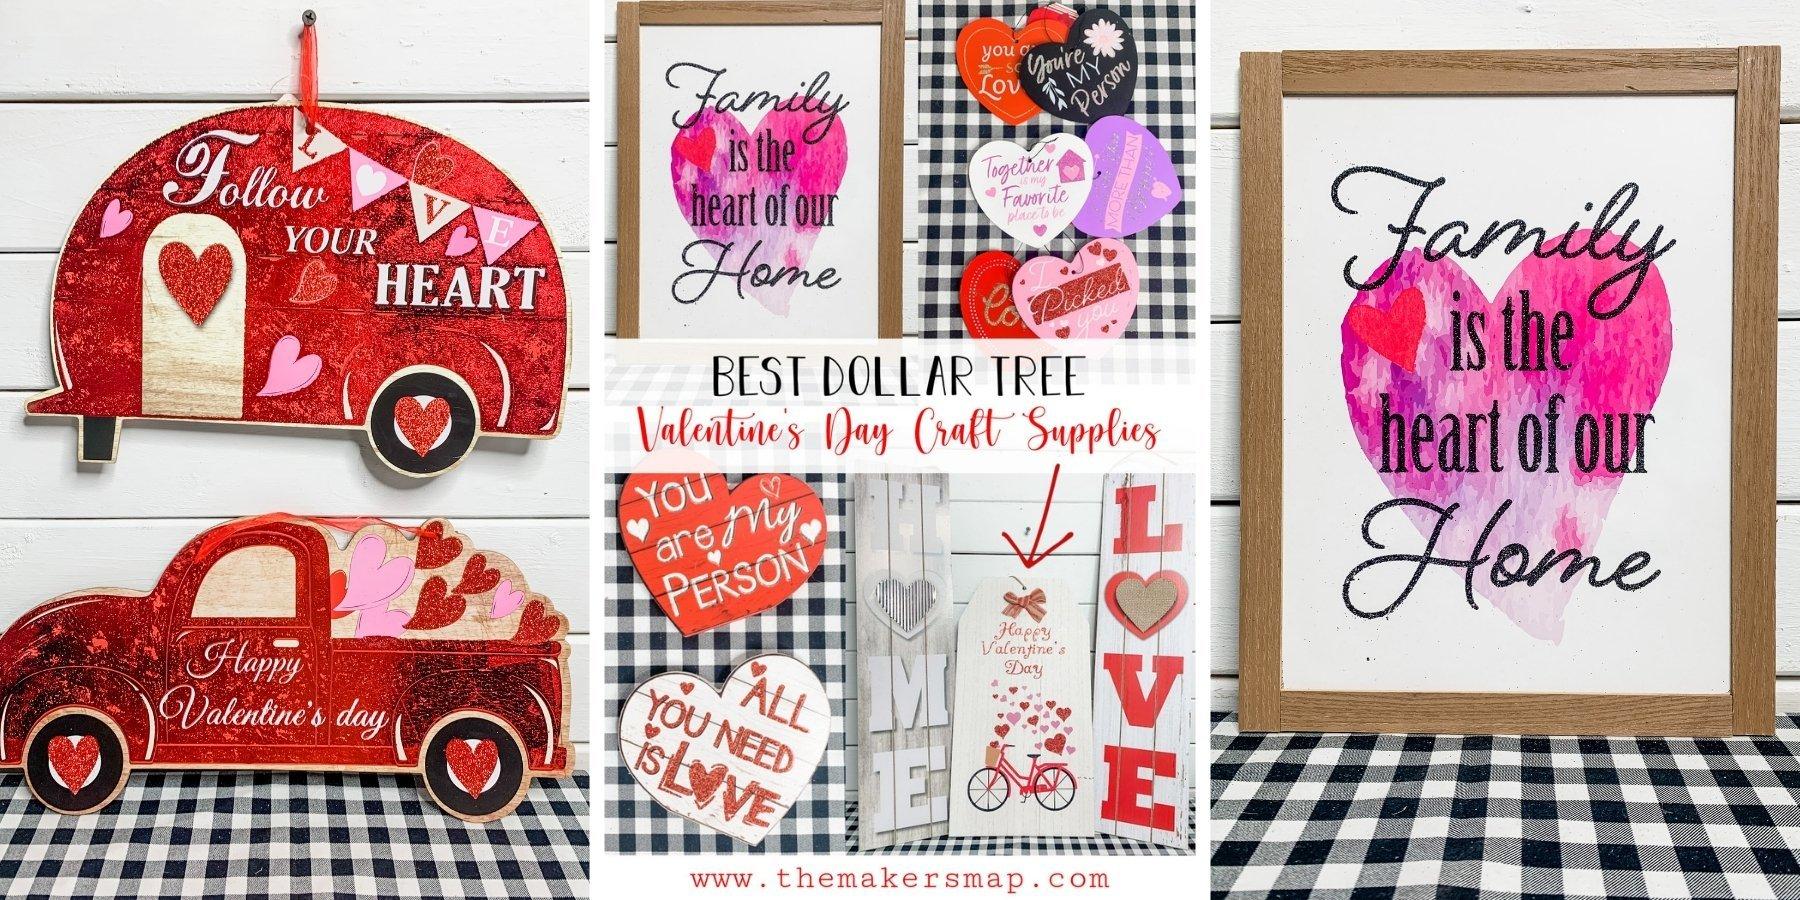 Best Dollar Tree Valentine's Day Craft Supplies